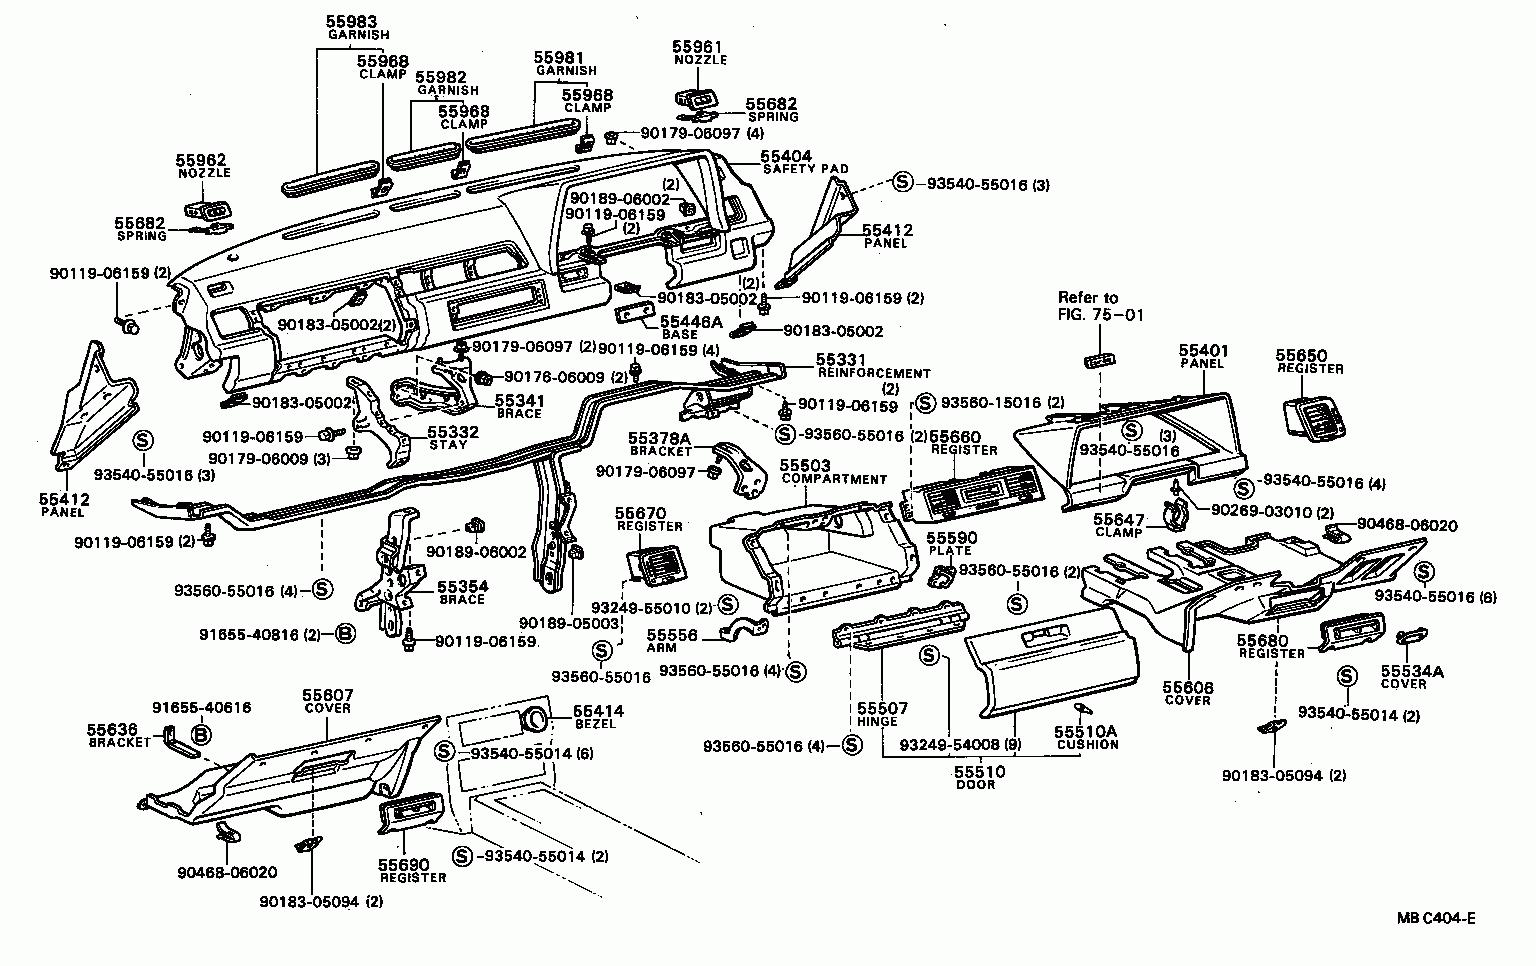 14 Nissan Sentra Radio Wire Diagram